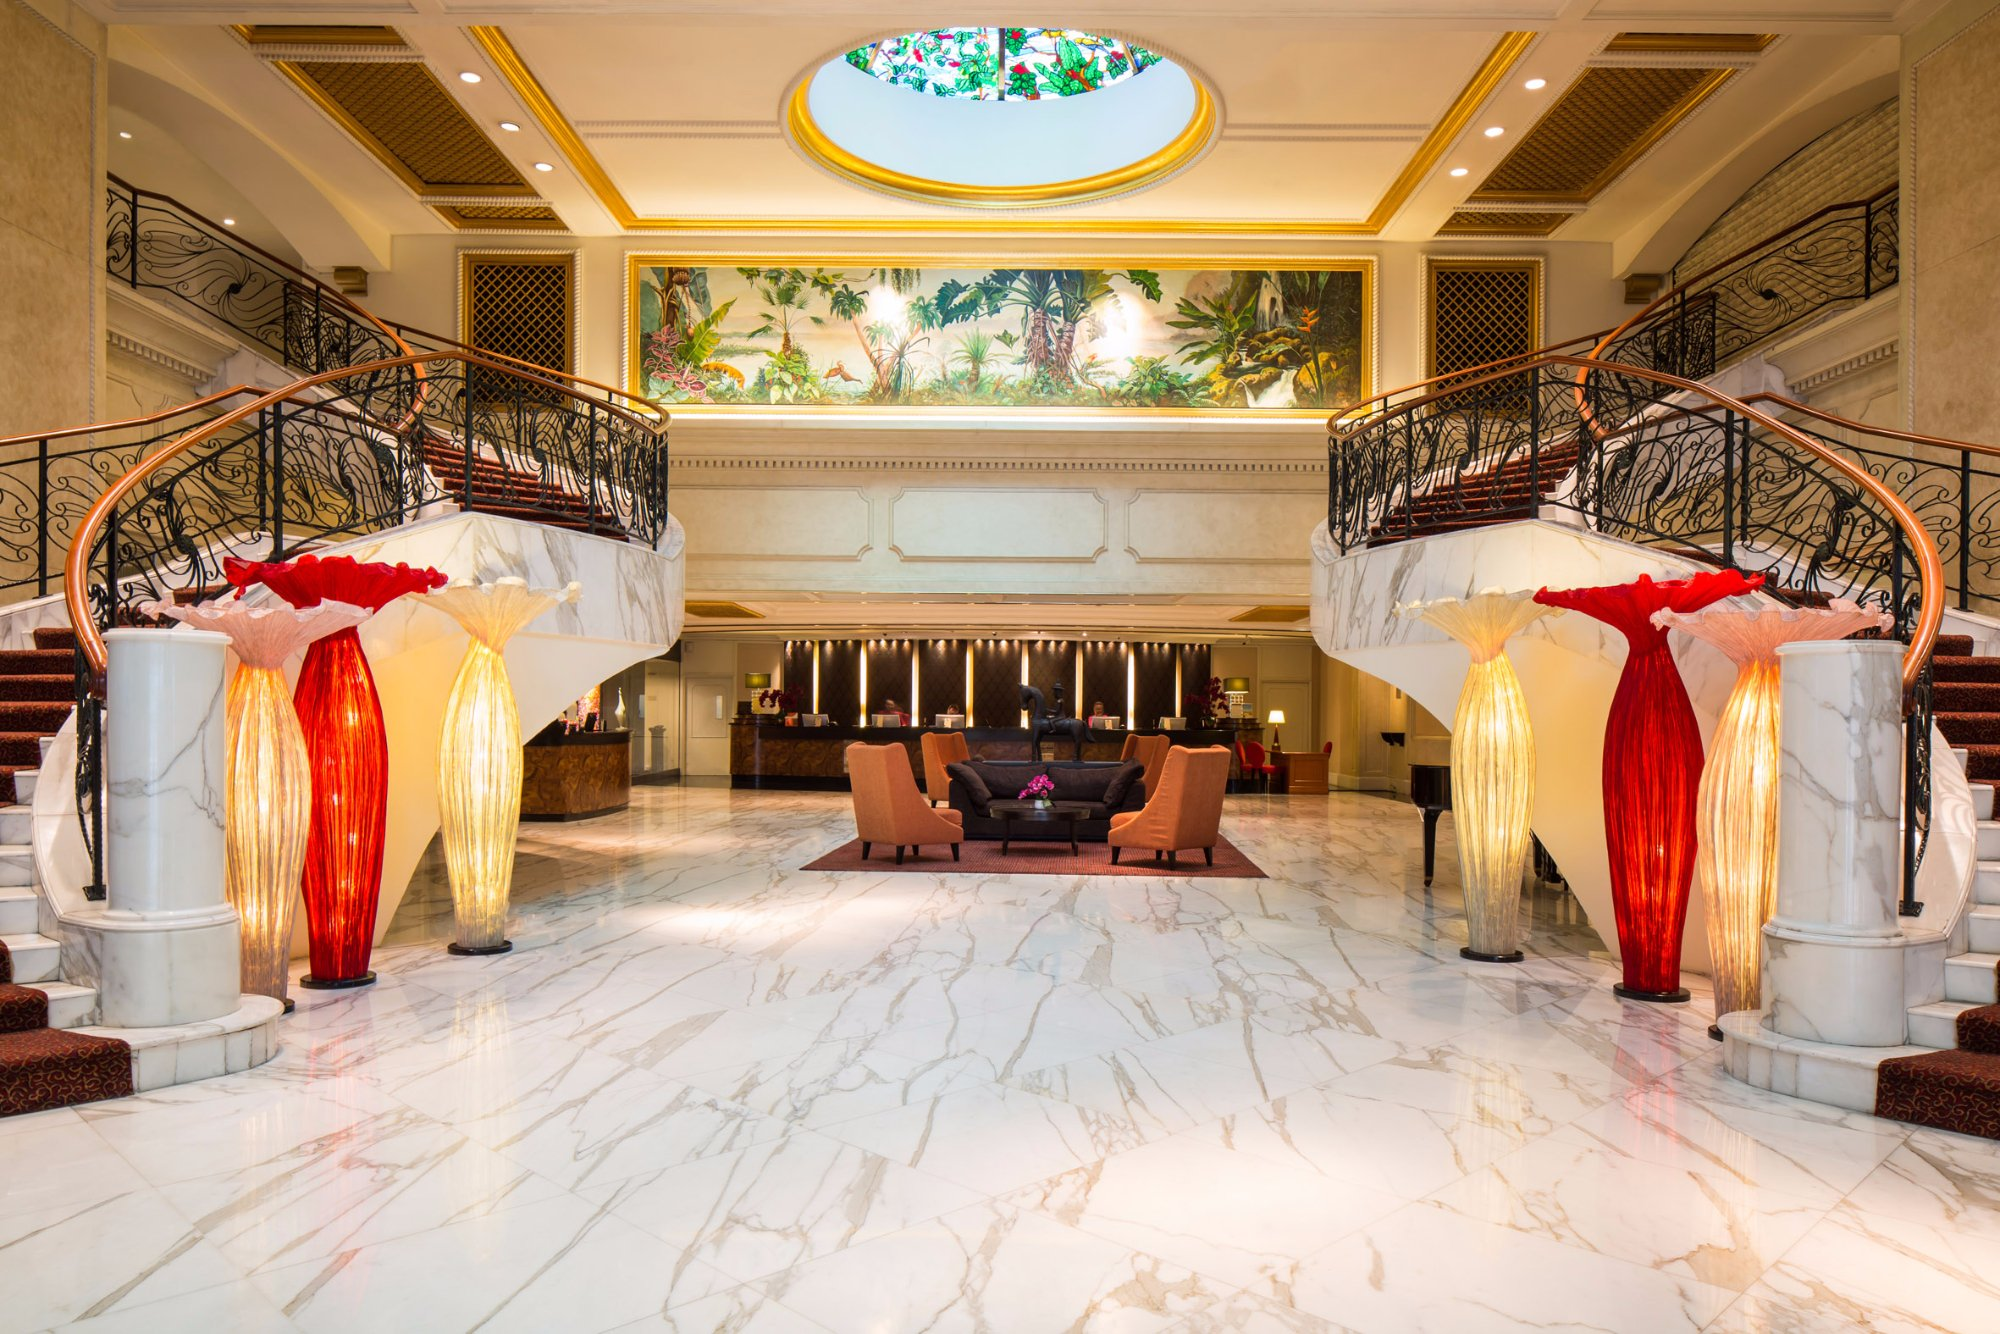 โรงแรมรอยัล พลาซ่า ออน สก็อตส์